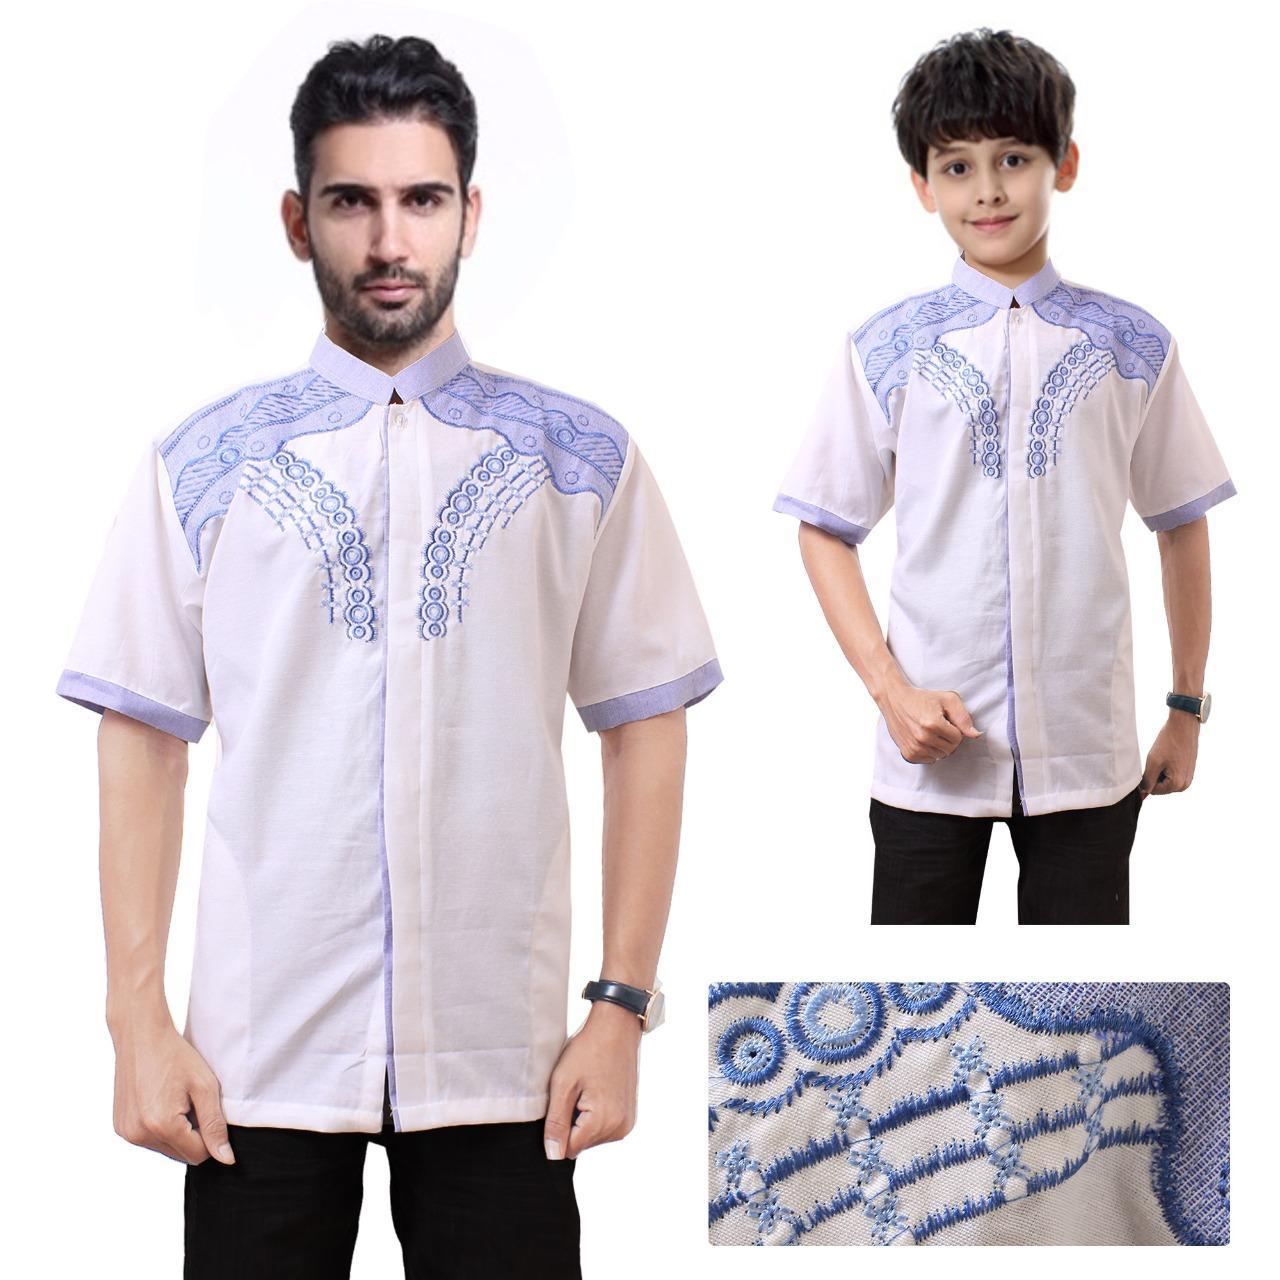 Shining Collection Baju Koko Ivas Kemeja Muslim Lengan Pendek Ayah dan Anak